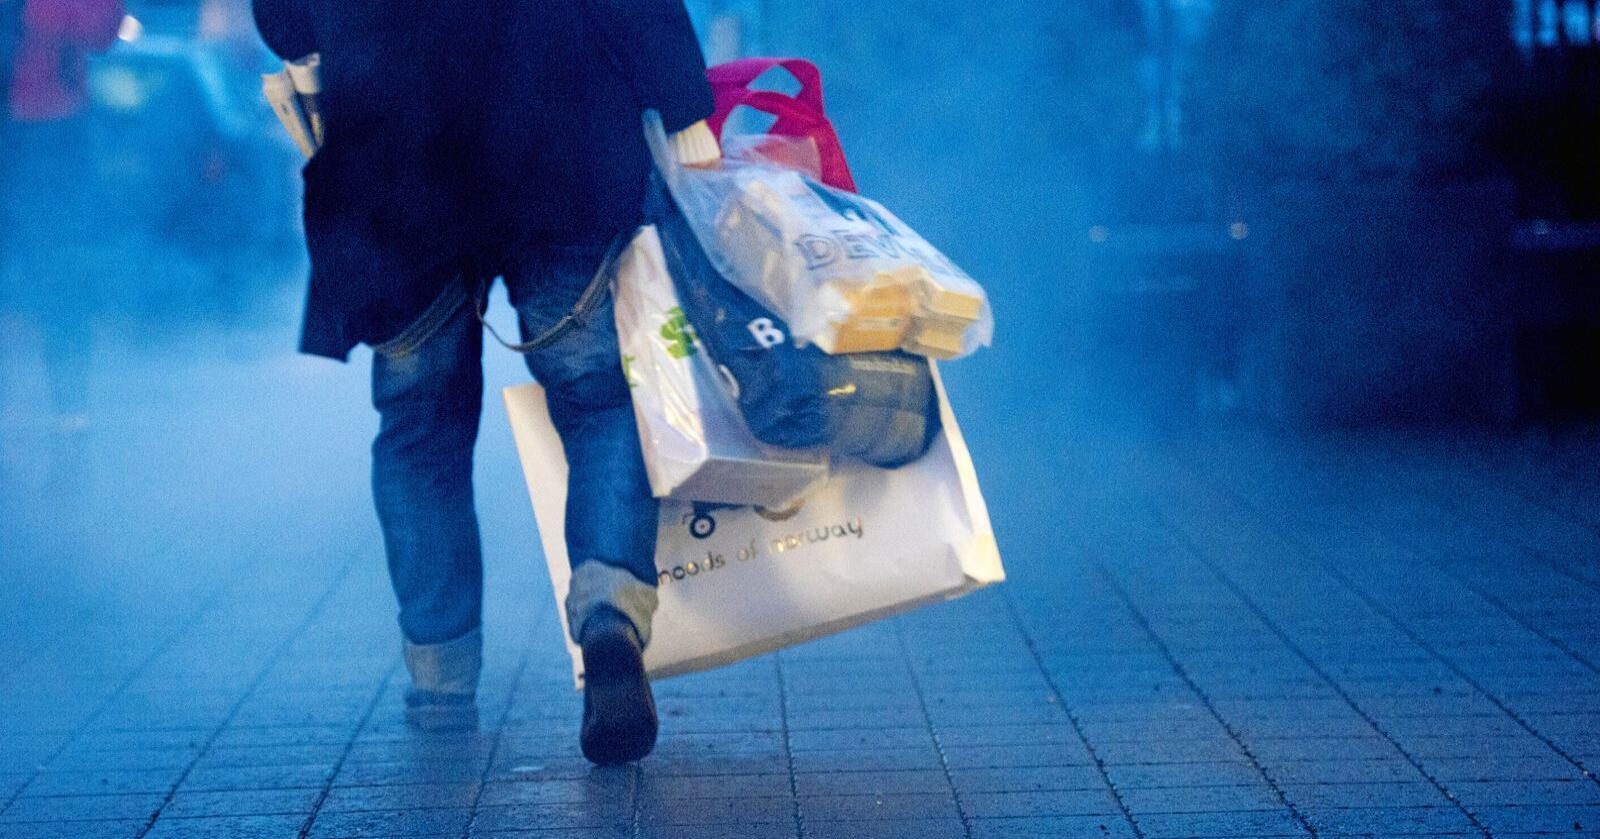 Nok i påsan? Kjøpe mer, bruke, kaste, fortere og fortere. Forbruket i Norge vil i året 2020 bli 50 prosent høyere en i år 2000. Hvis alle levde som oss, hadde menneskene trengt 2,7 jordkloder. Skal vi bare kjøre videre i samme tempo? Foto: Jon Olav Nesvold/NTB scanpix